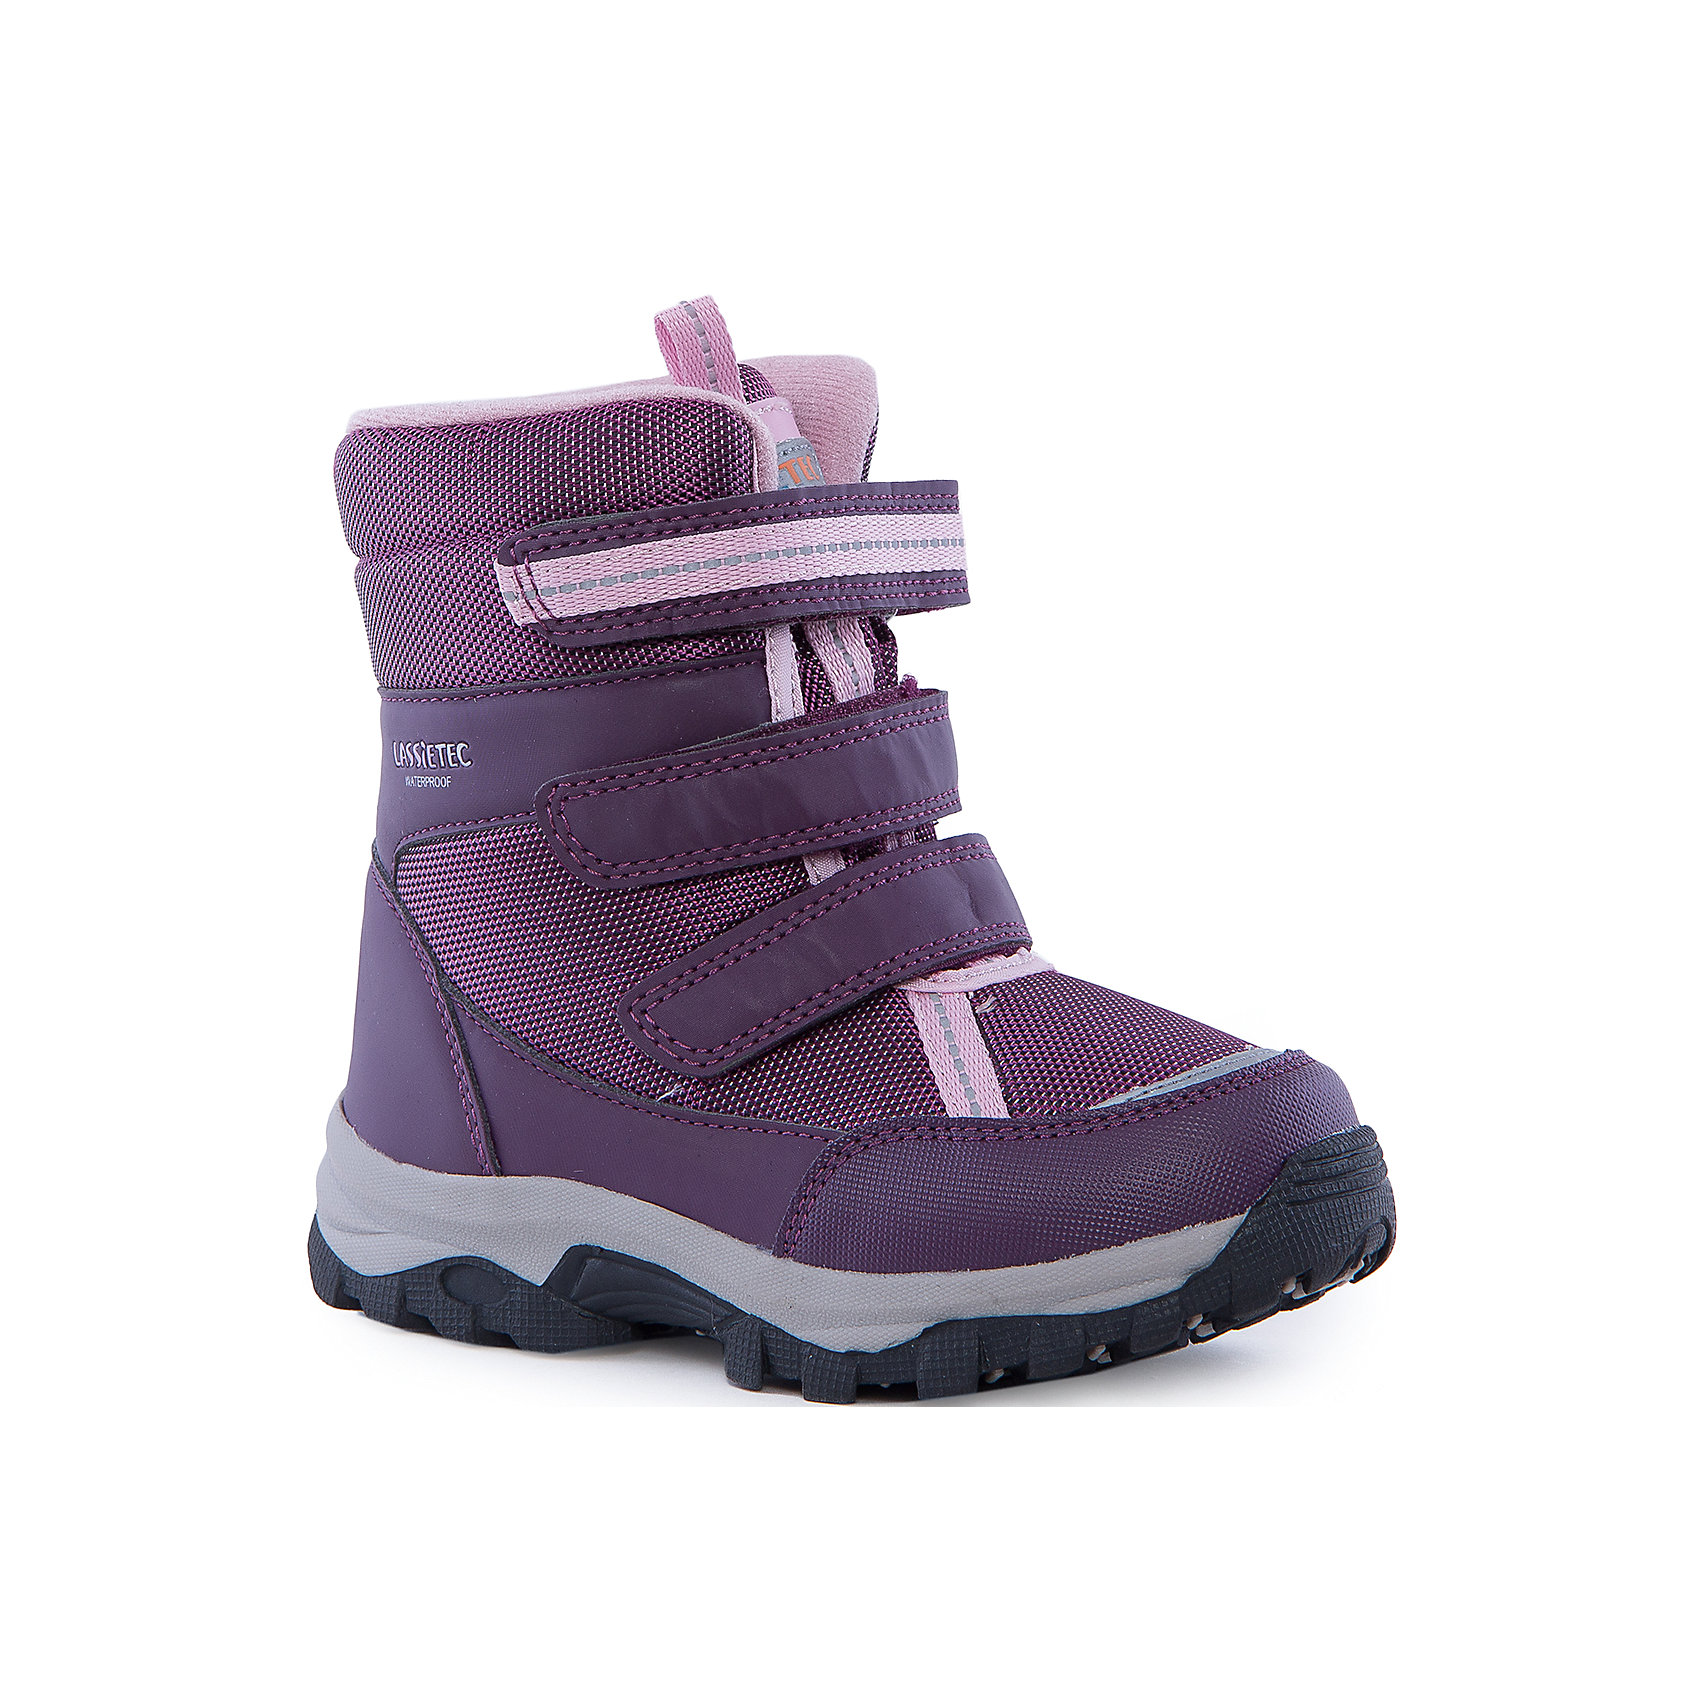 Сапоги для девочки LASSIEЗимние сапоги для детей Lassietec®. <br><br>-Водонепроницаемая зимняя обувь.<br>- Верх из синтетического материала и текстиля.<br>- Подошва из термопластичного каучука обеспечивает хорошее сцепление с поверхностью. <br>-Водонепроницаемая конструкция с герметичными вставками и подкладкой из искусственного меха.<br>- Съемные стелькиЗастежки на липучках обеспечивают простоту использования. <br>-Светоотражающие детали. <br><br>Храните обувь в вертикальном положении при комнатной температуре. Сушить обувь всегда следует при комнатной температуре: вынув съемные стельки. Стельки следует время от времени заменять на новые. Налипшую грязь можно счищать щеткой или влажной тряпкой. Перед использованием обувь рекомендуется обрабатывать специальными защитными средствами.<br><br>Состав: Подошва: Термопластиковая резина, Верх: 80% Брезент 20% ПУ.<br><br>Ширина мм: 257<br>Глубина мм: 180<br>Высота мм: 130<br>Вес г: 420<br>Цвет: фиолетовый<br>Возраст от месяцев: 96<br>Возраст до месяцев: 108<br>Пол: Женский<br>Возраст: Детский<br>Размер: 32,33,34,38,26,24,25,27,28,29,30,31,35,36,37<br>SKU: 4780840